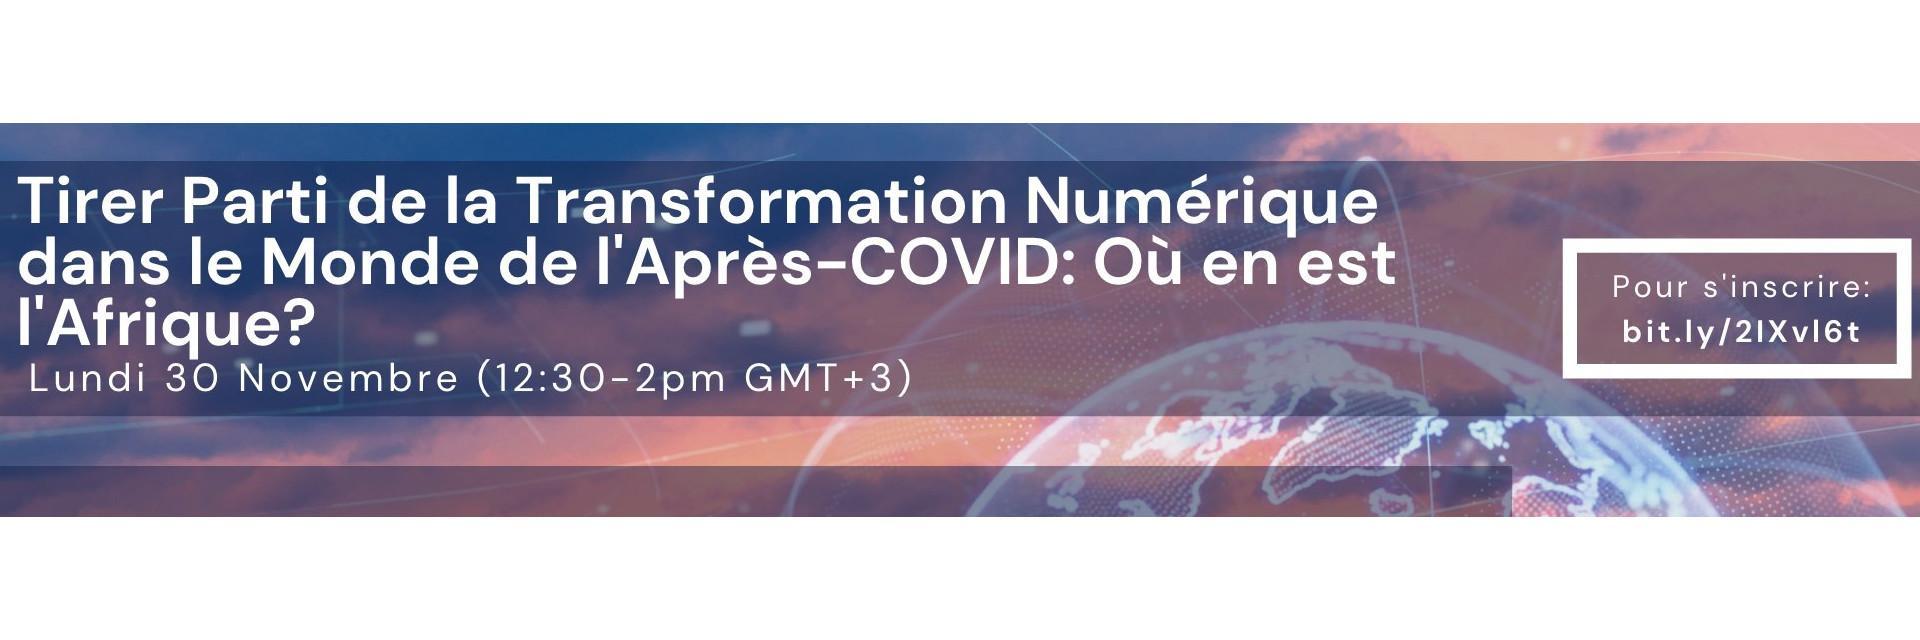 Tirer parti de la transformation numérique à l'ère post COVID-19